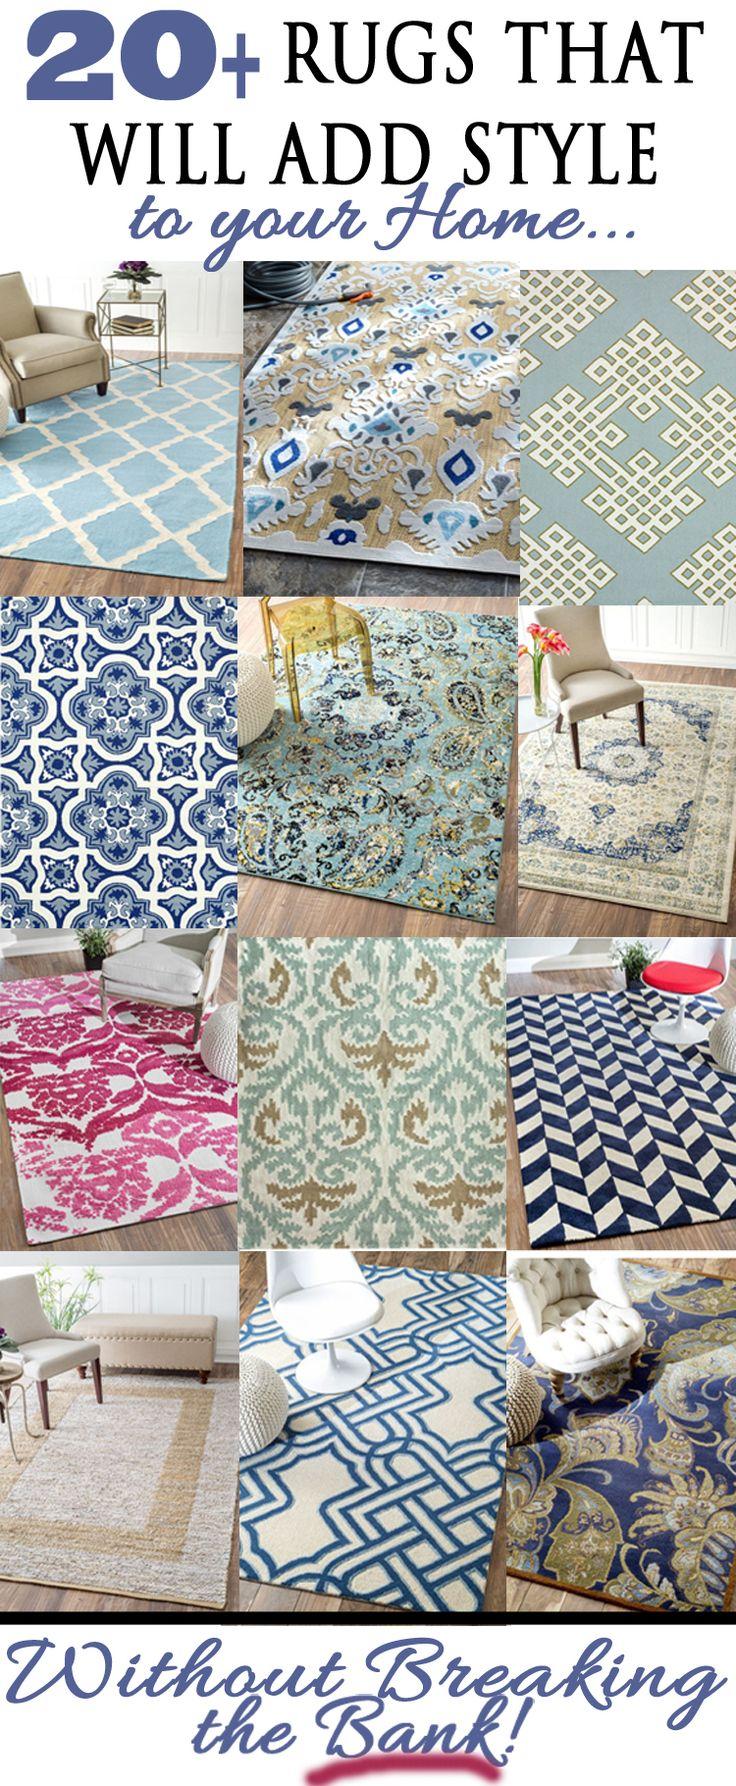 41 best ravishing rugs images on pinterest | rugs usa, shag rugs